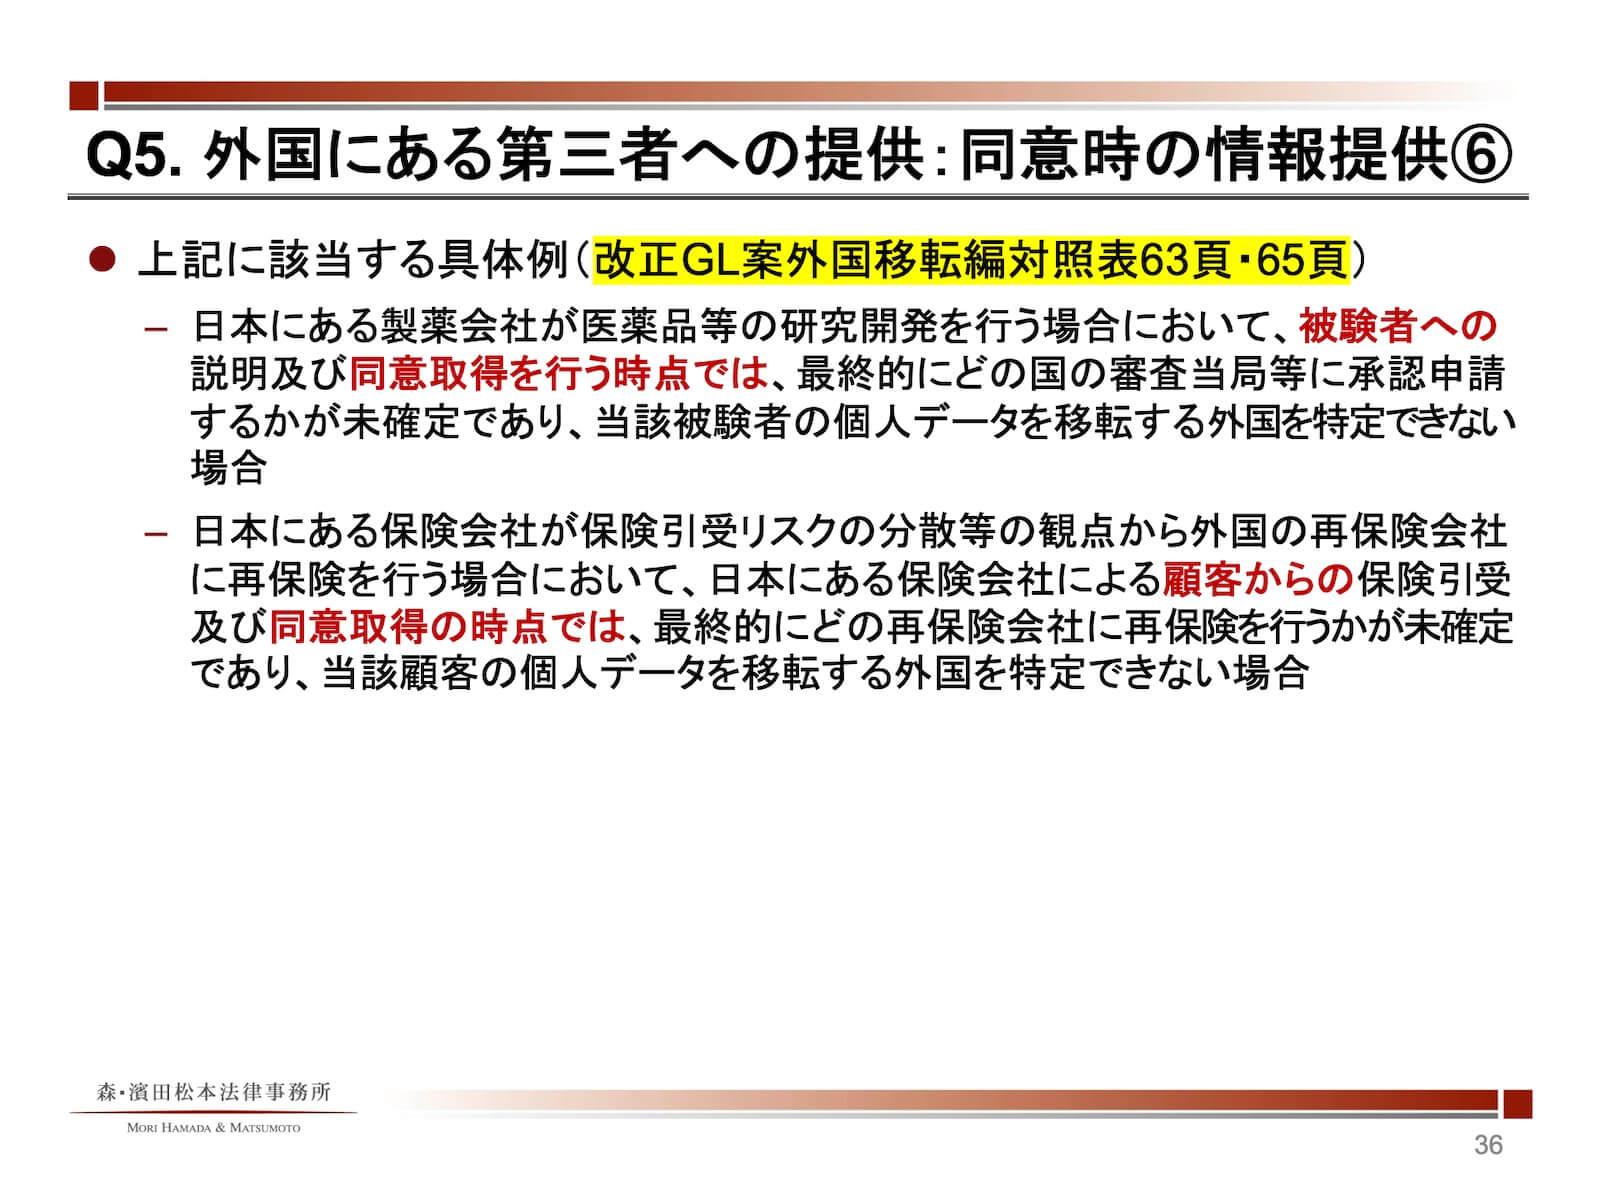 外国にある第三者への提供:同意時の情報提供6